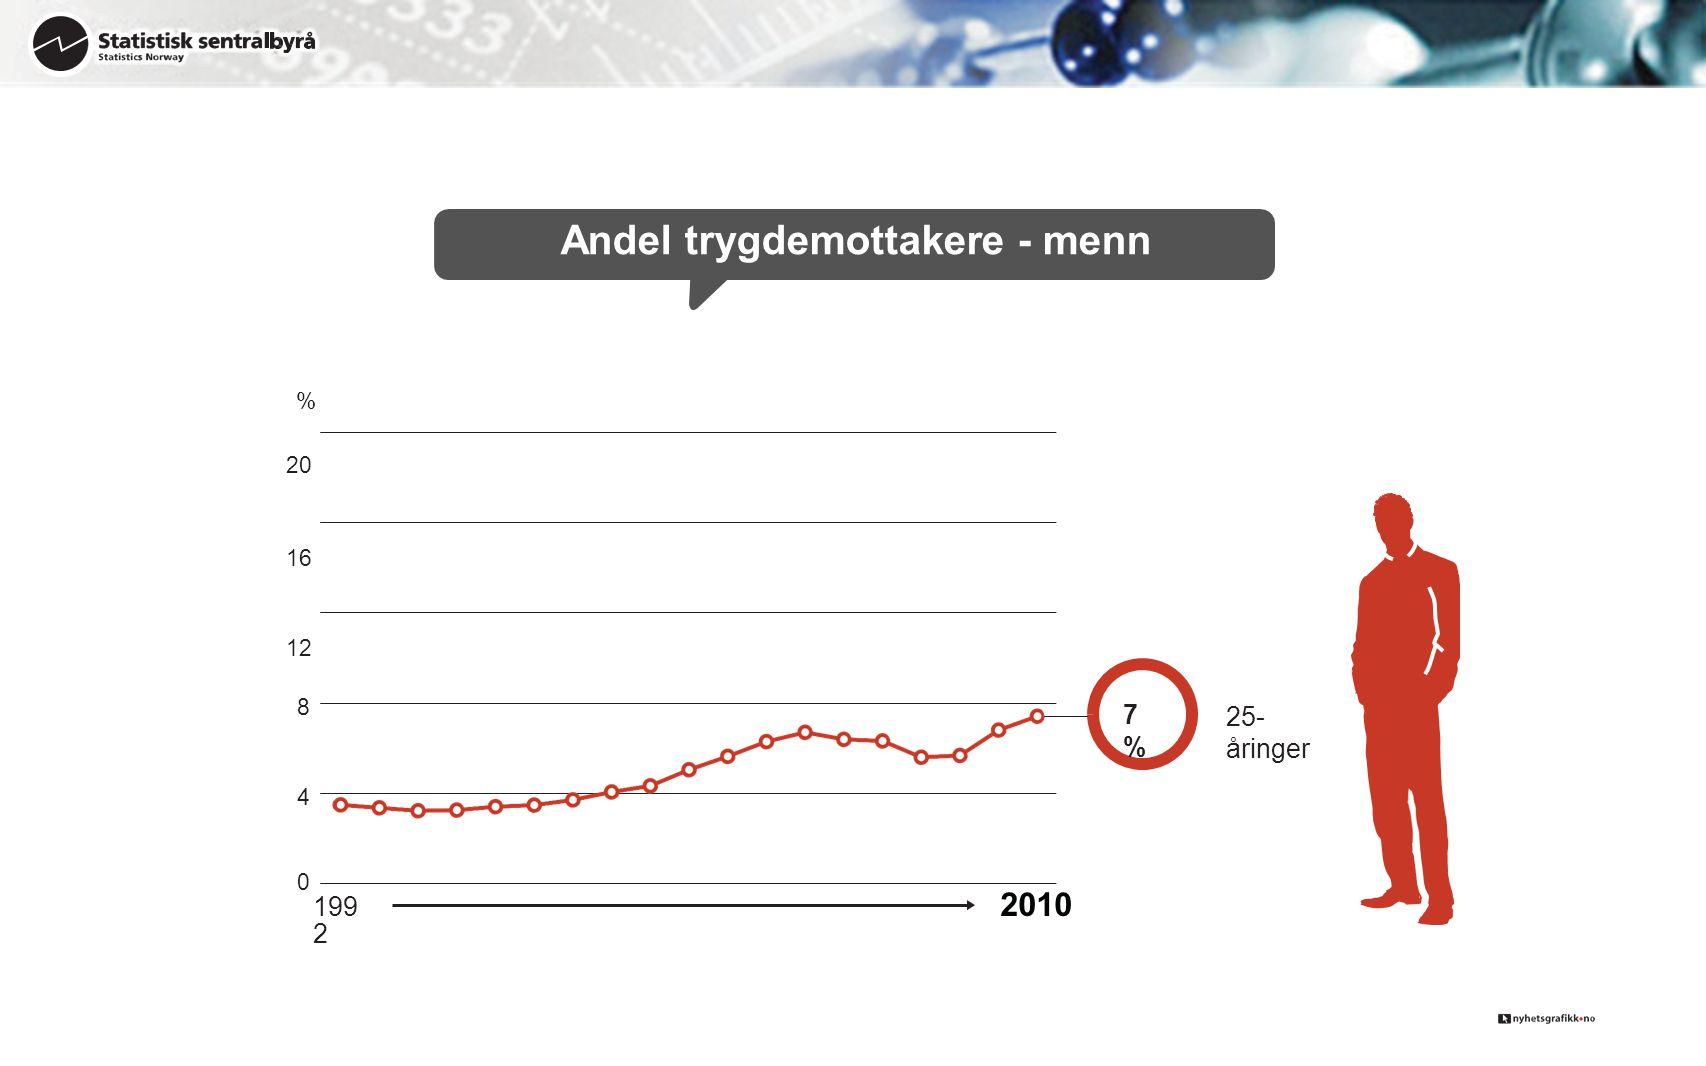 4 8 % 20 16 12 Andel trygdemottakere - menn 25- åringer 7%7% 0 199 2 2010